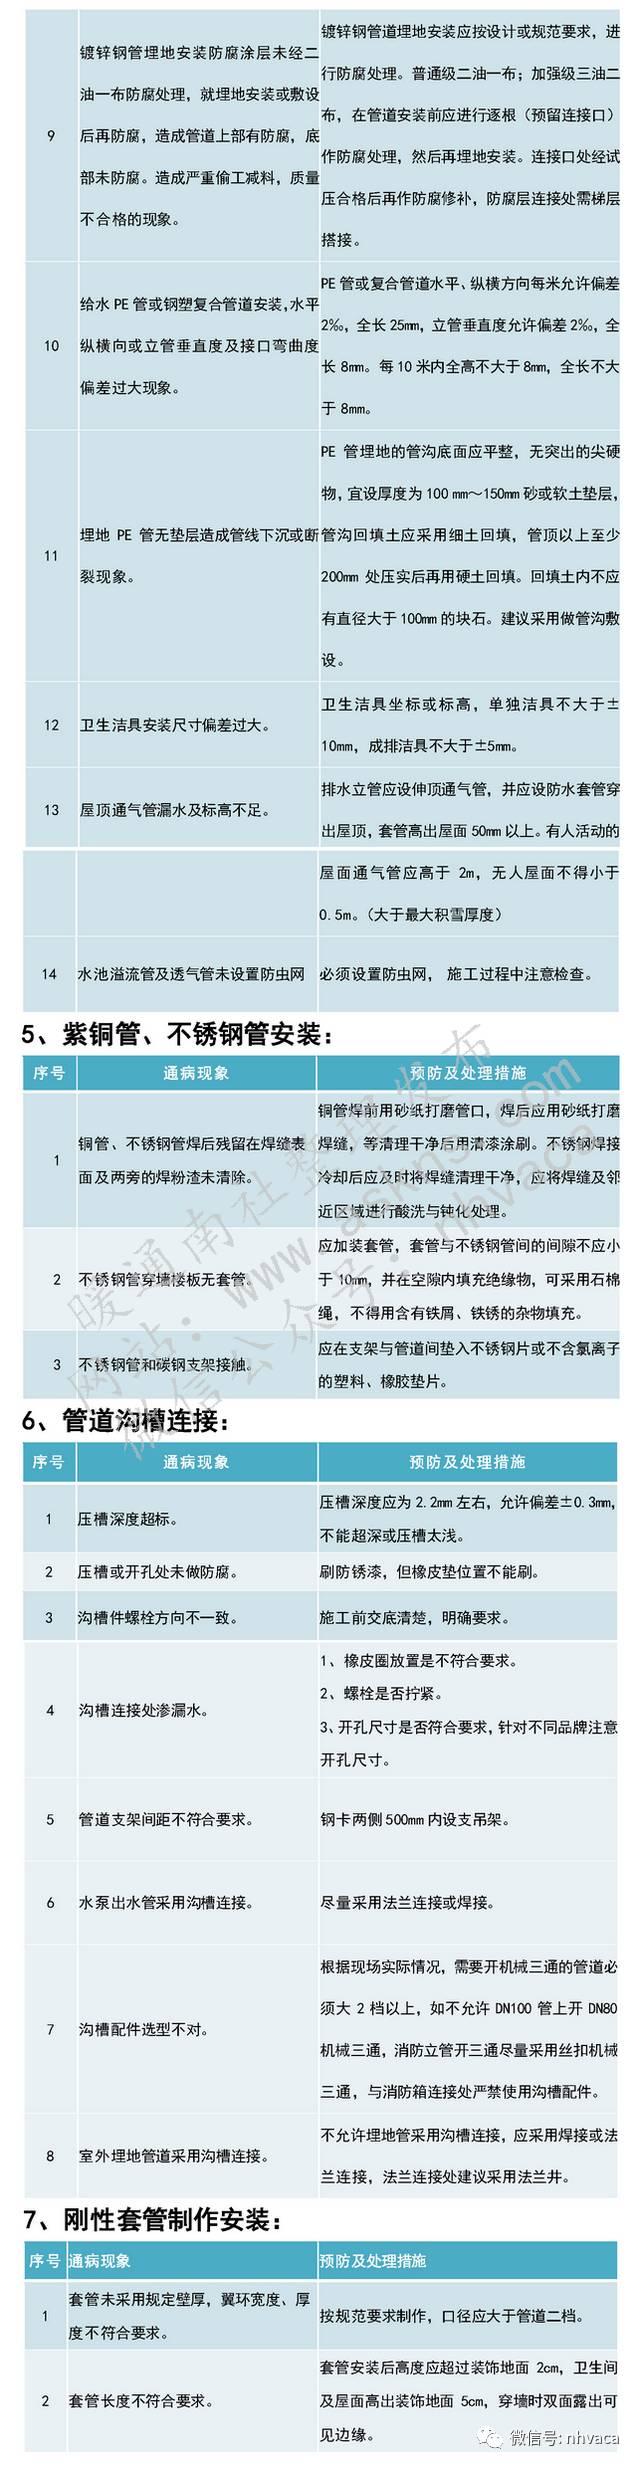 建筑机电安装工程质量通病案例汇编_4